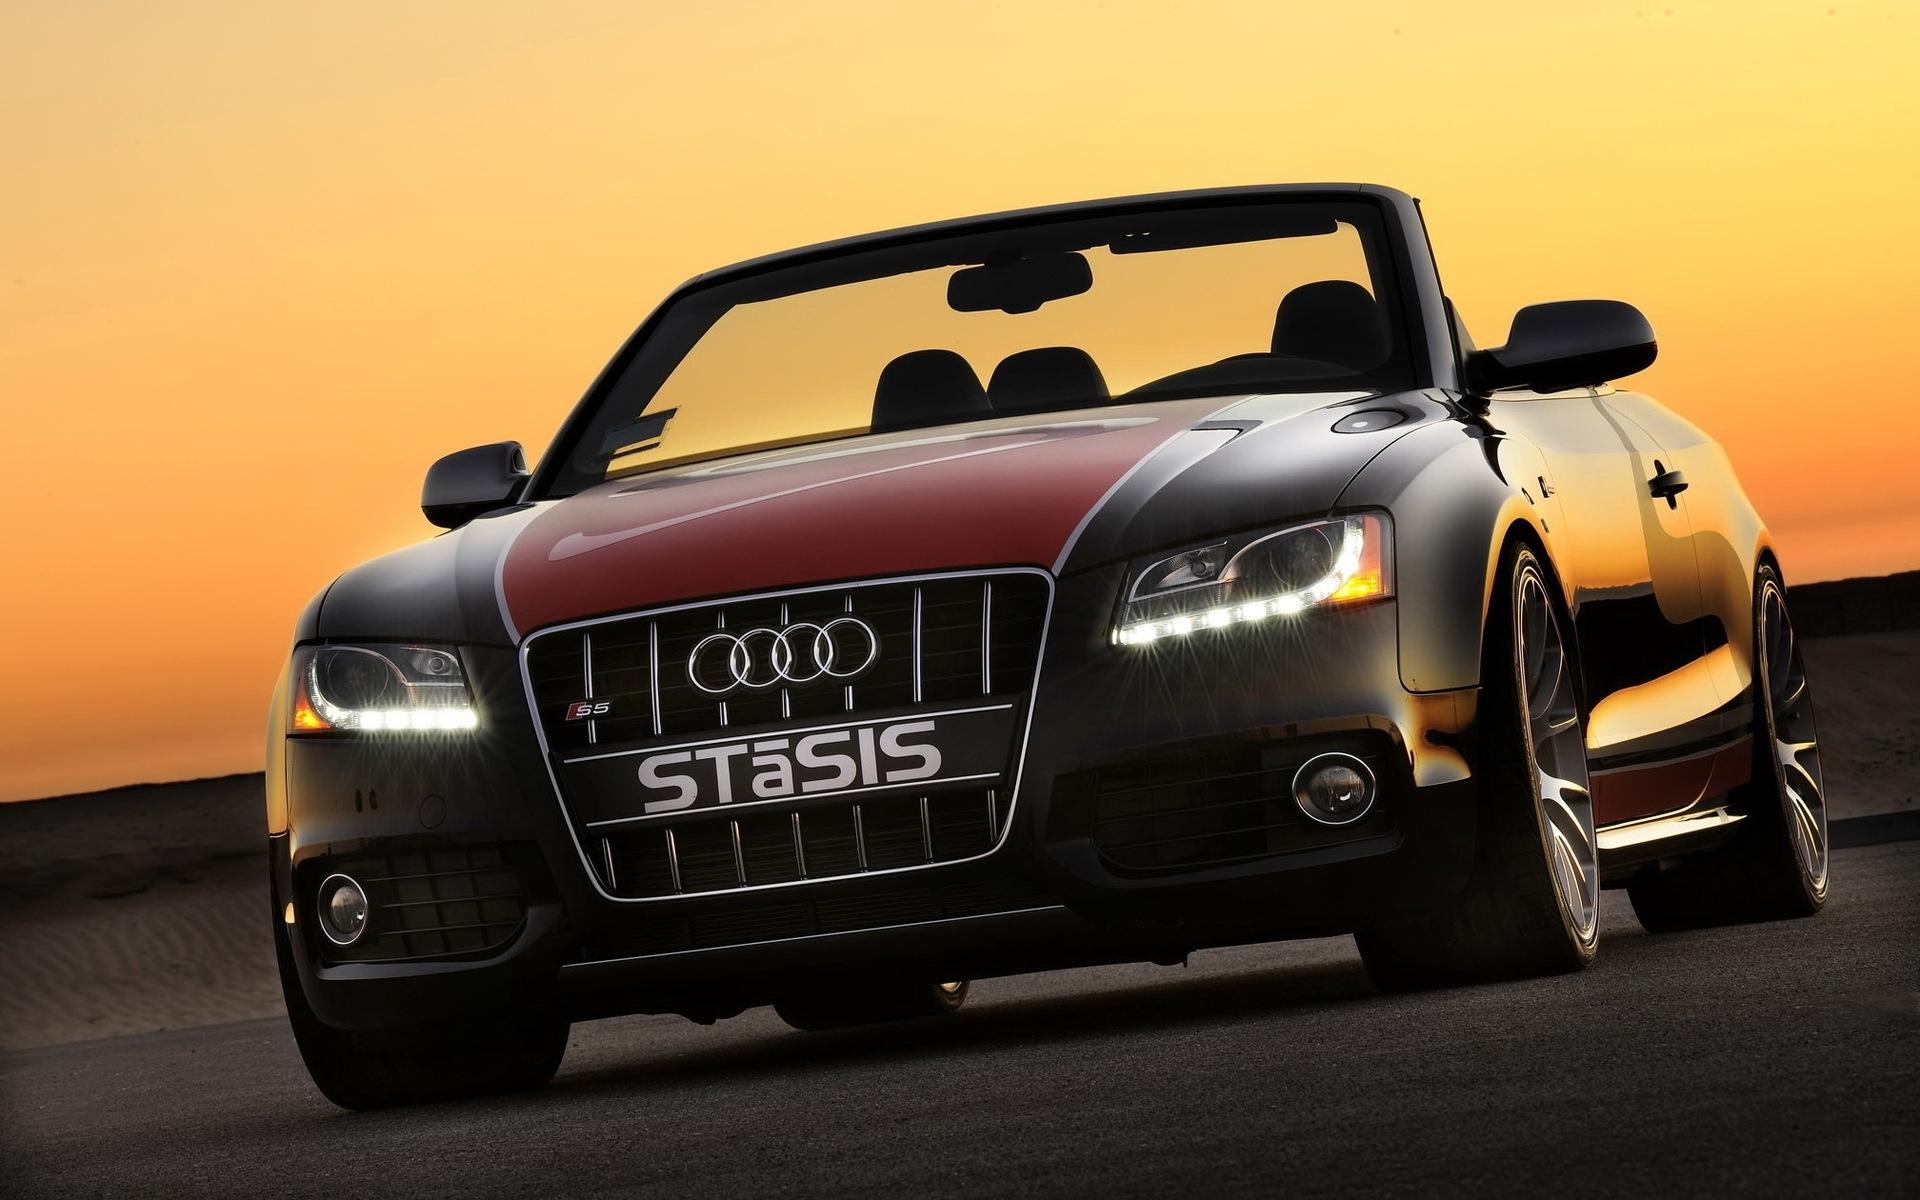 Скачать картинку Ауди (Audi), Машины, Транспорт в телефон бесплатно.